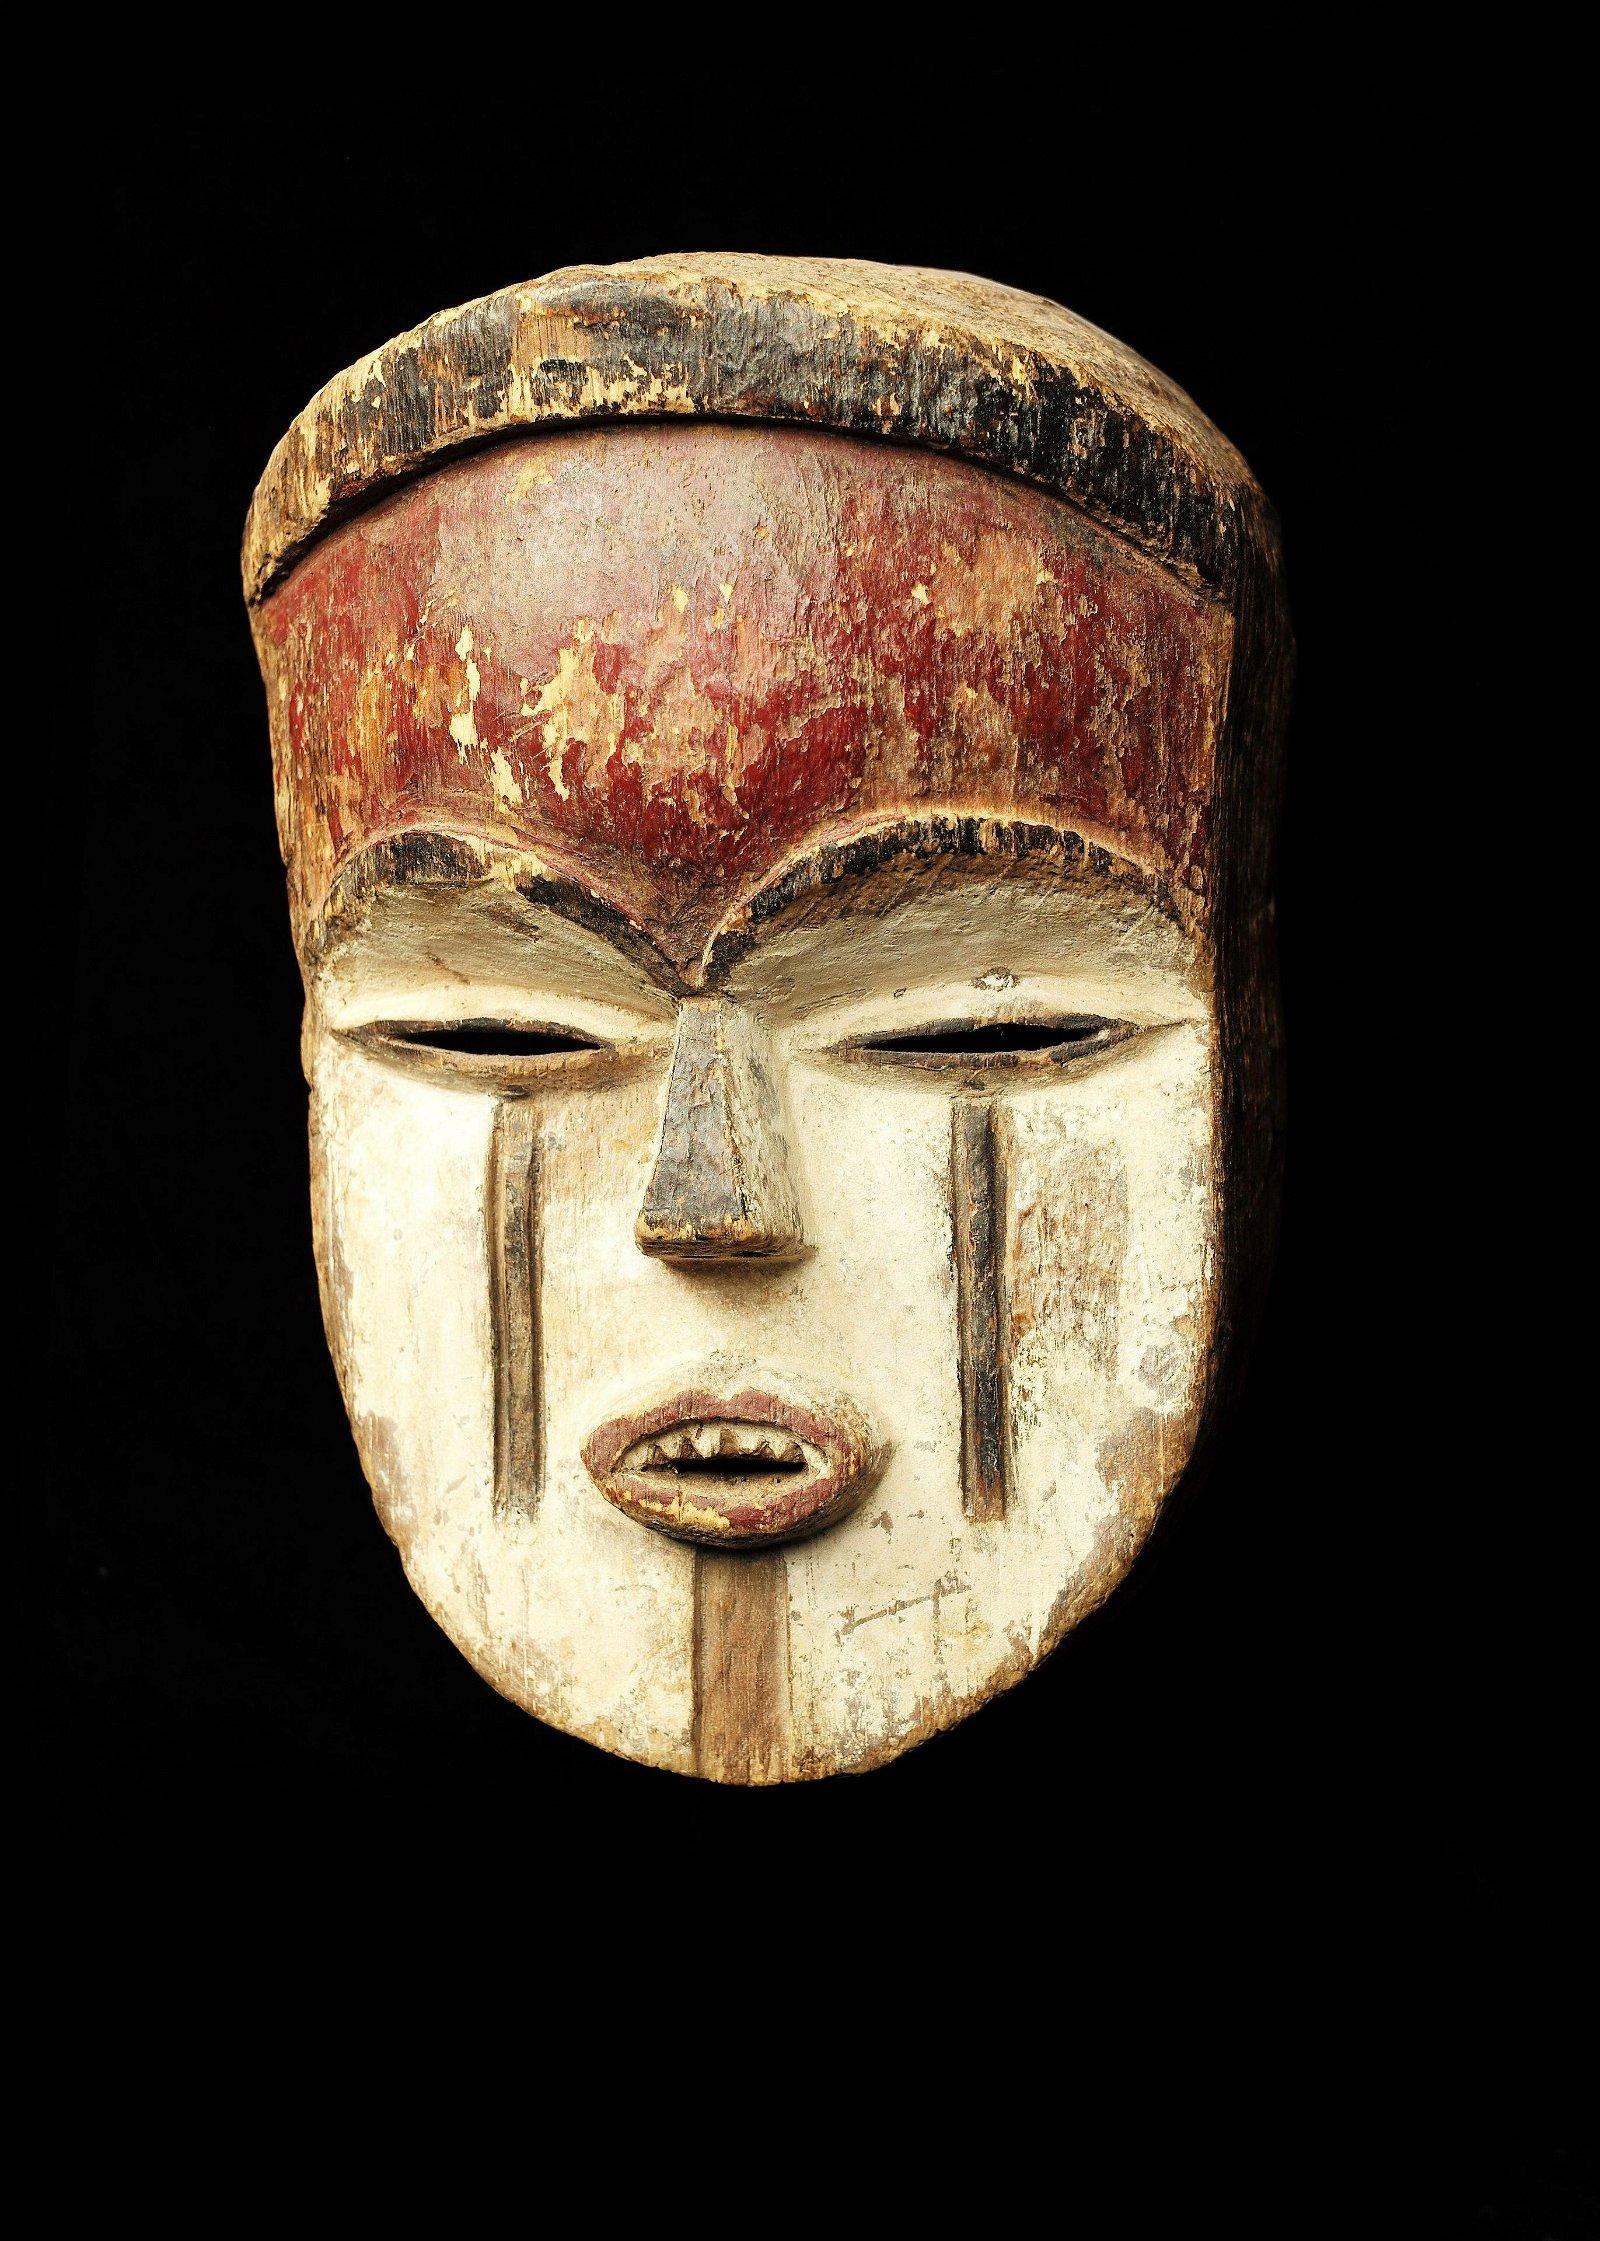 Masque Vuvi  Bois sculpté, pigments et kaolin